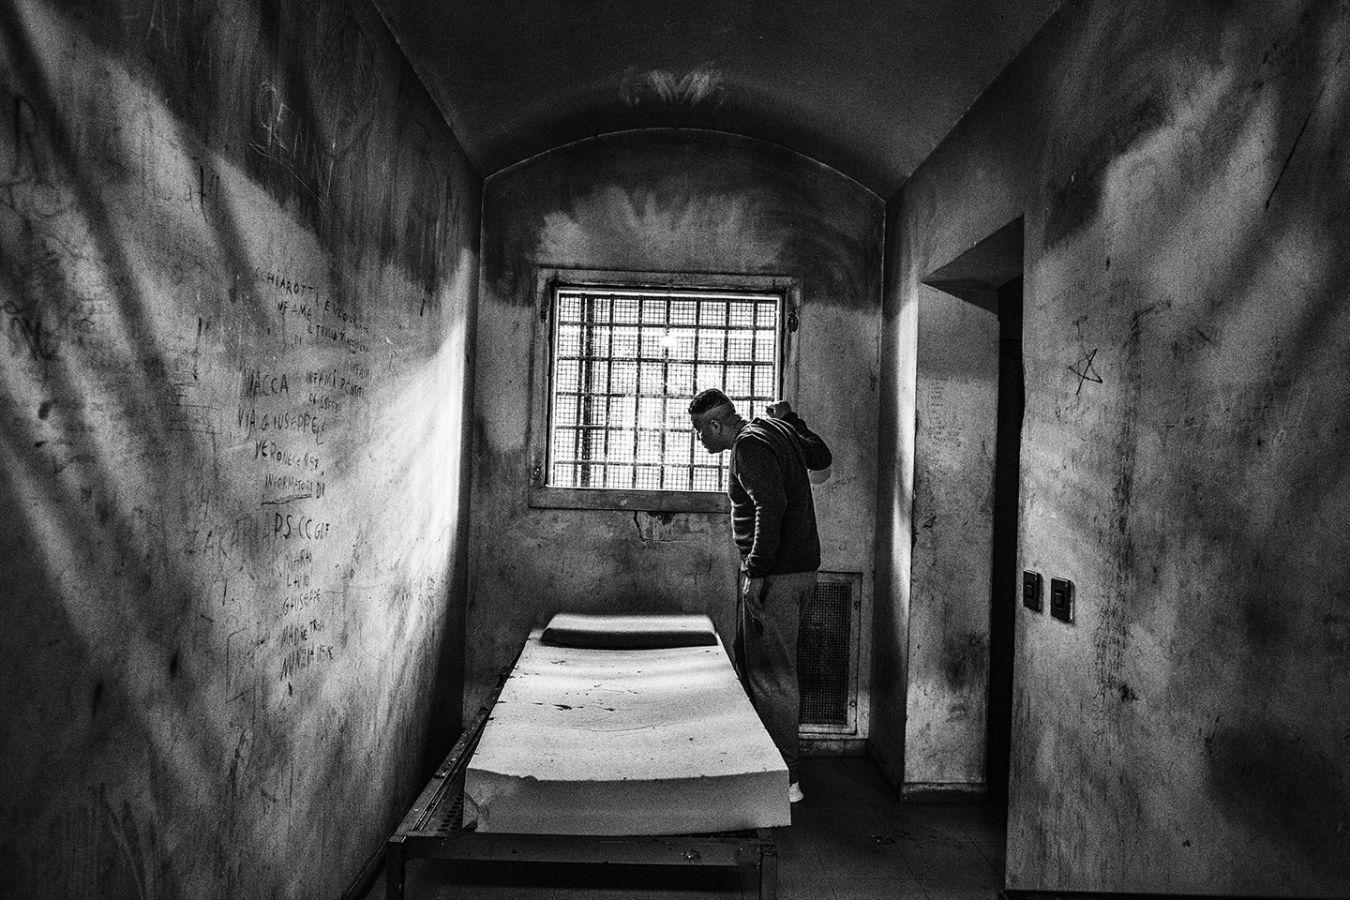 Глядя из римской тюрьмы Регина Коэли, 3 декабря 2019 г.